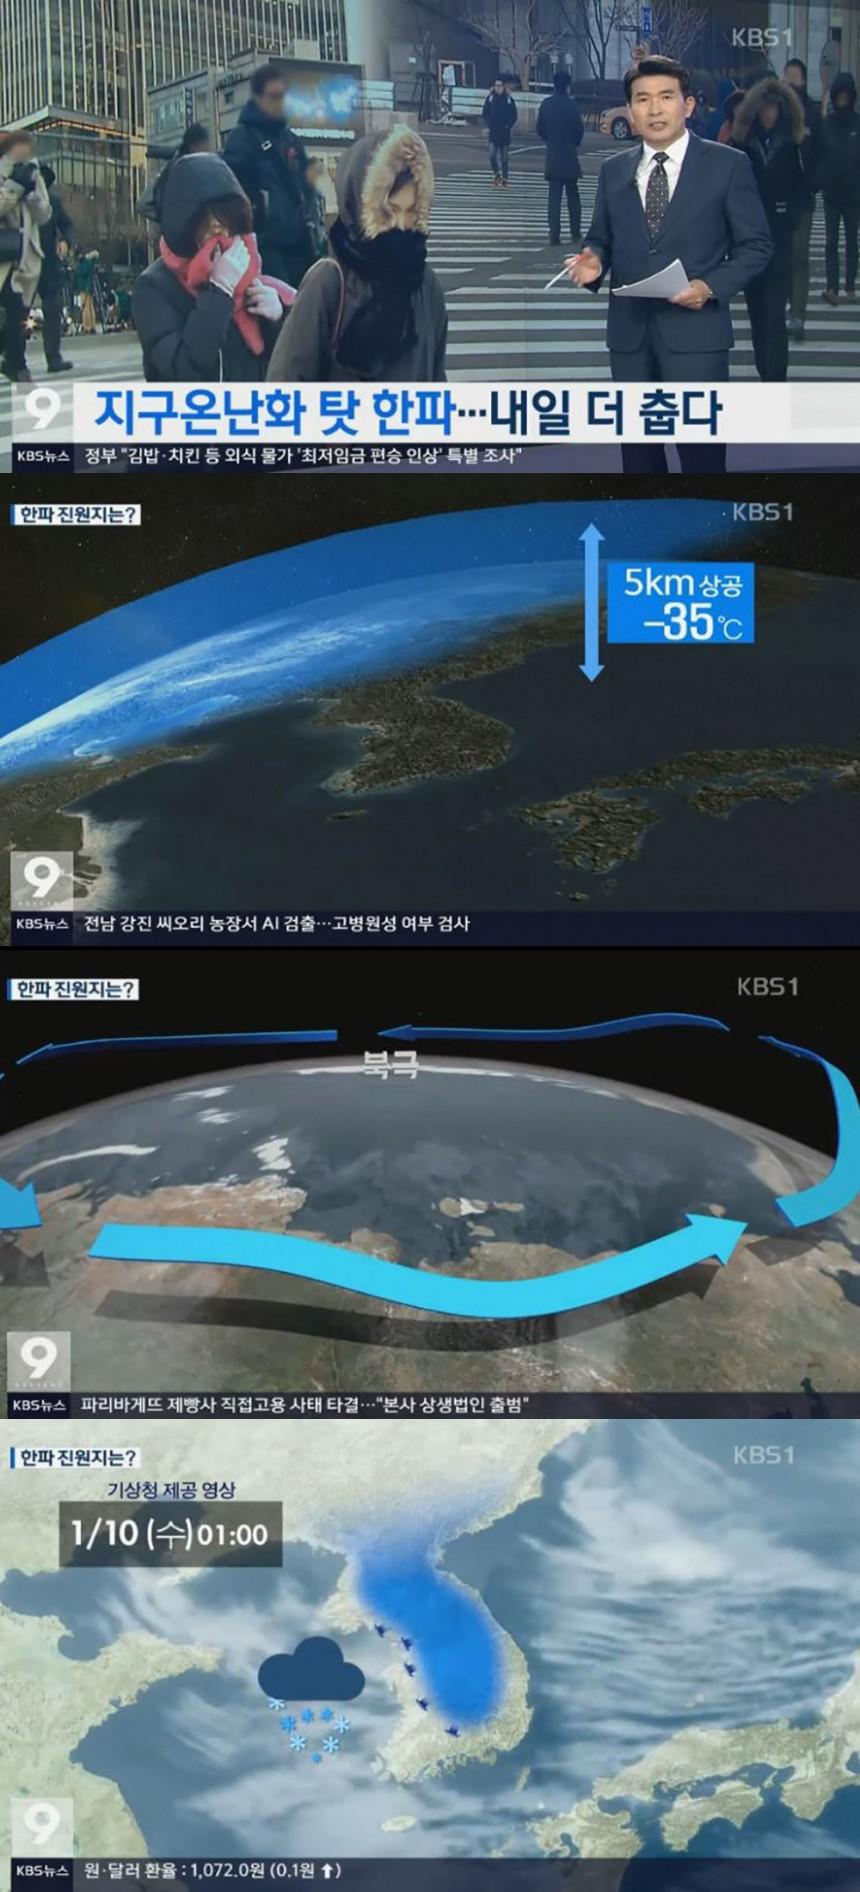 KBS '뉴스9' 방송 캡쳐